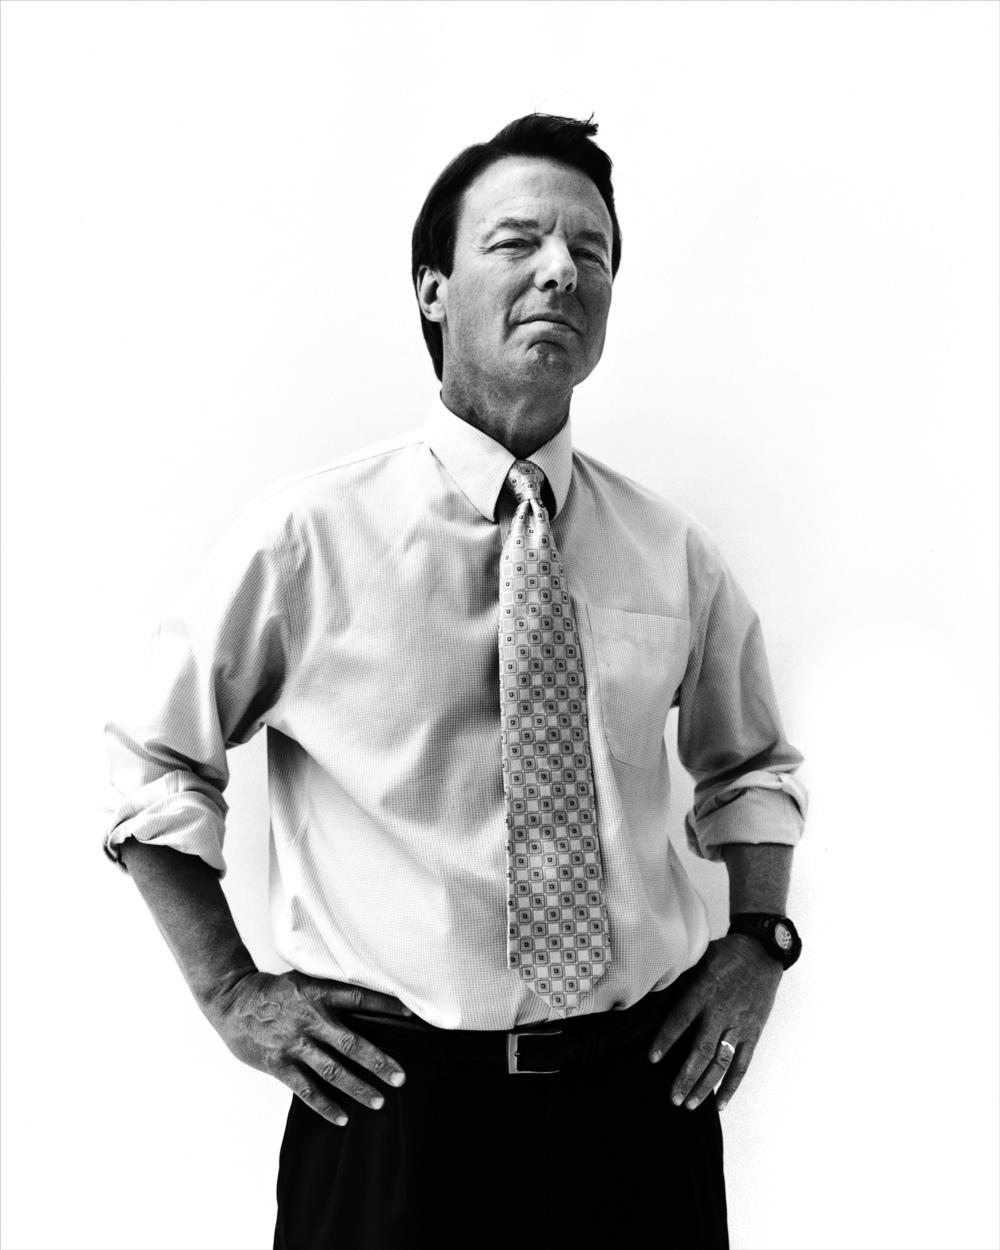 John Edwards - Washington, D.C.